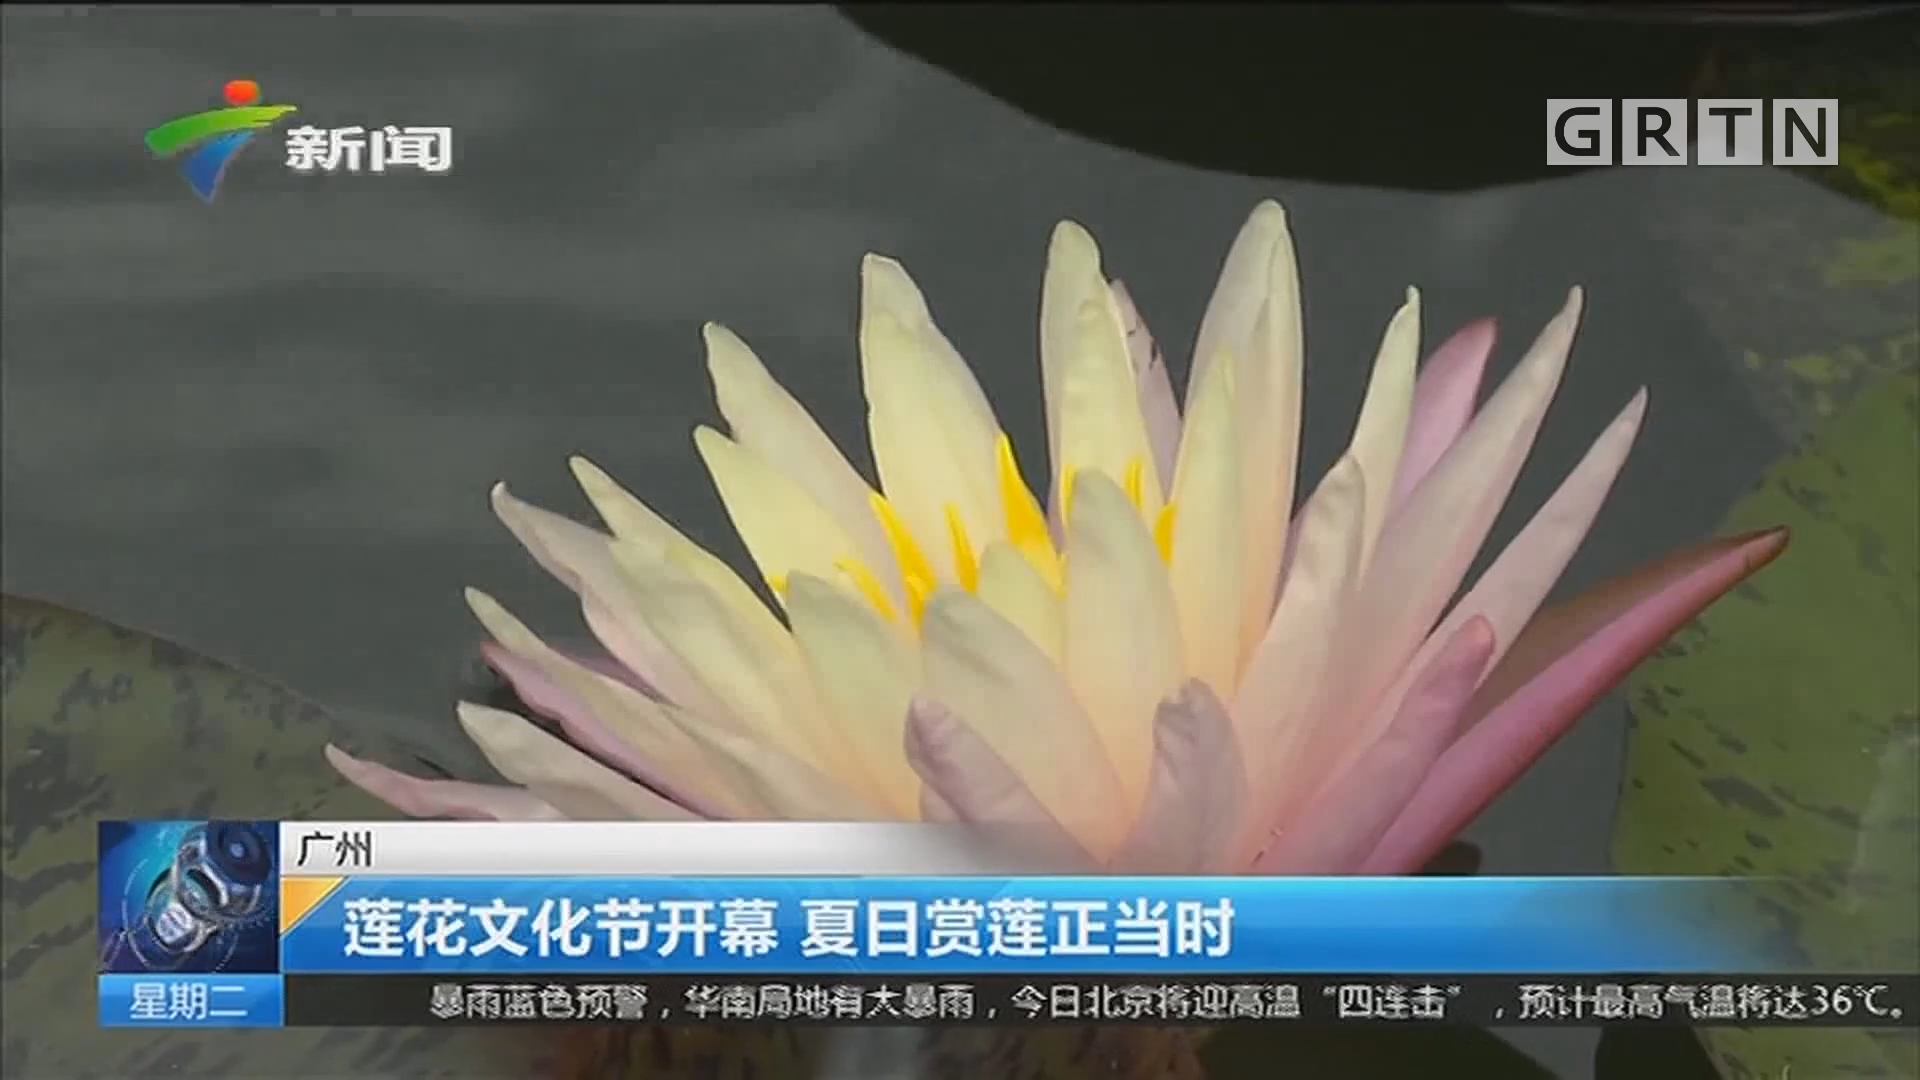 广州:莲花文化节开幕 夏日赏莲正当时